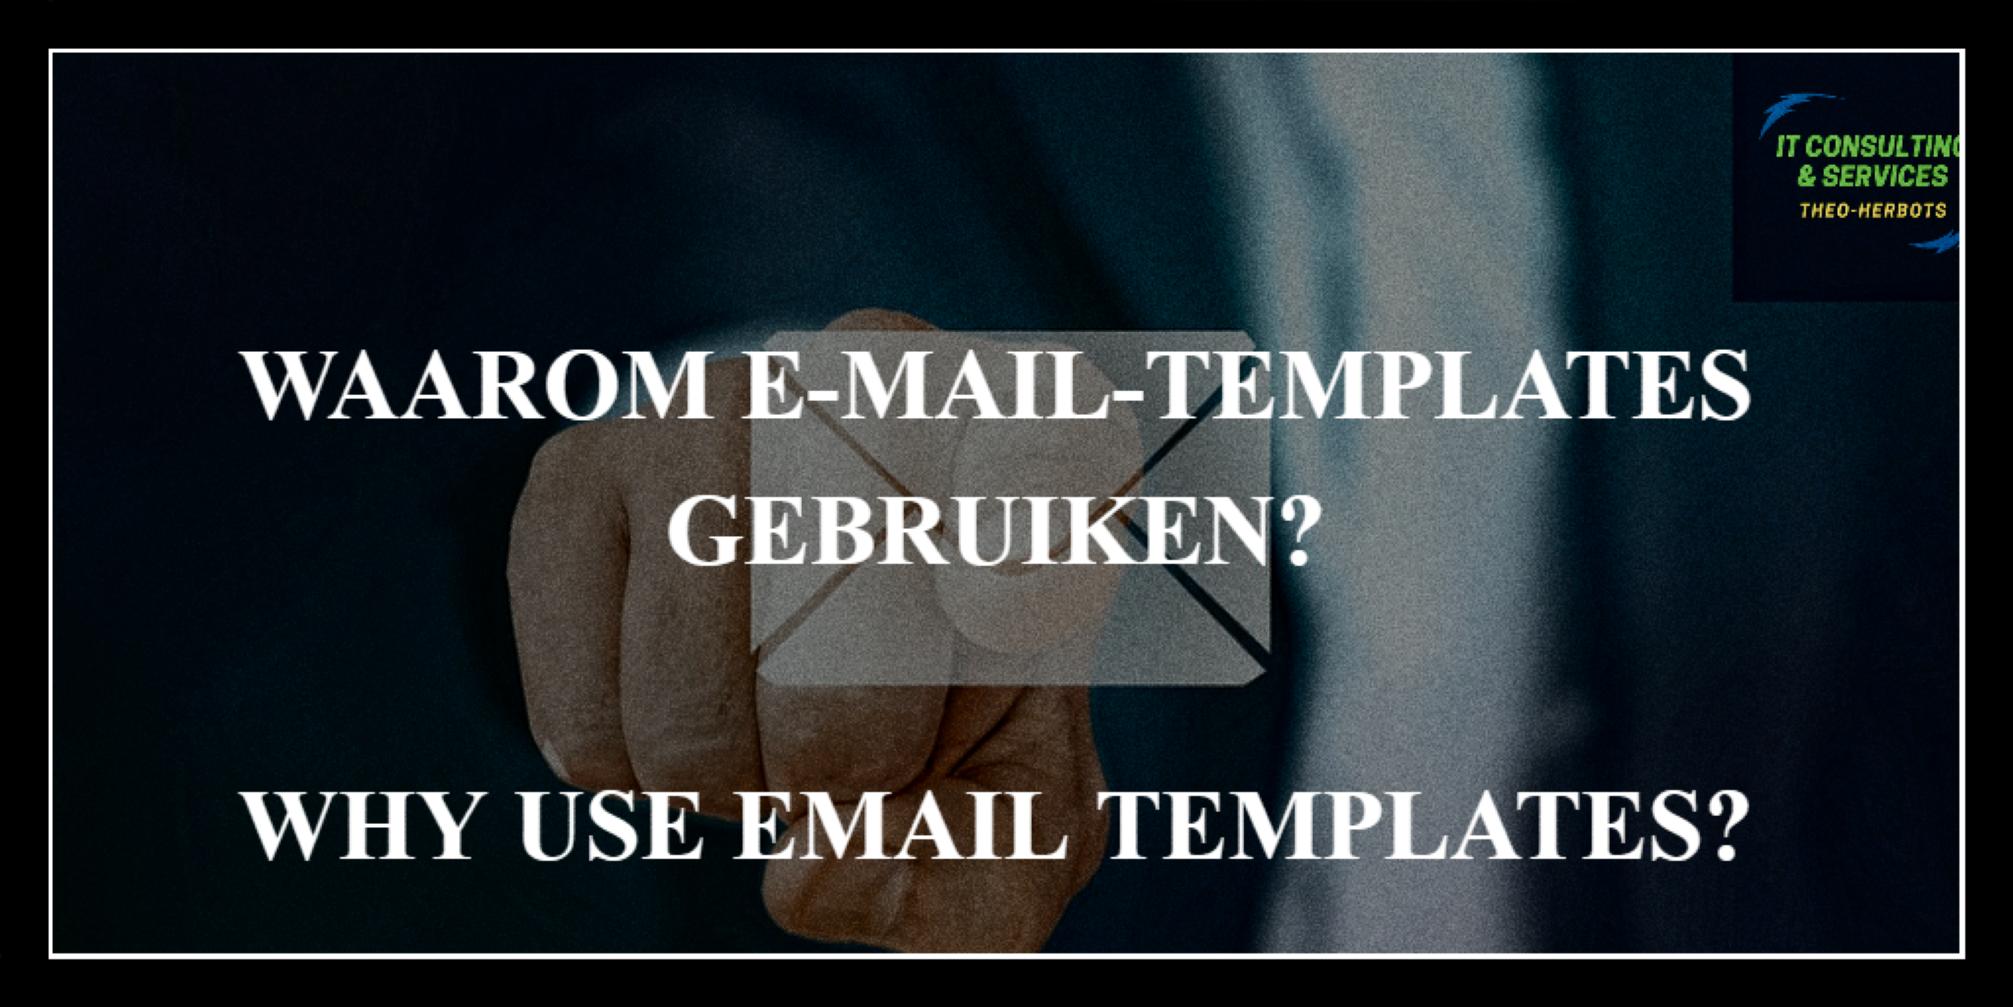 De voordelen van e-mailsjablonen (en hoe ze te gebruiken)